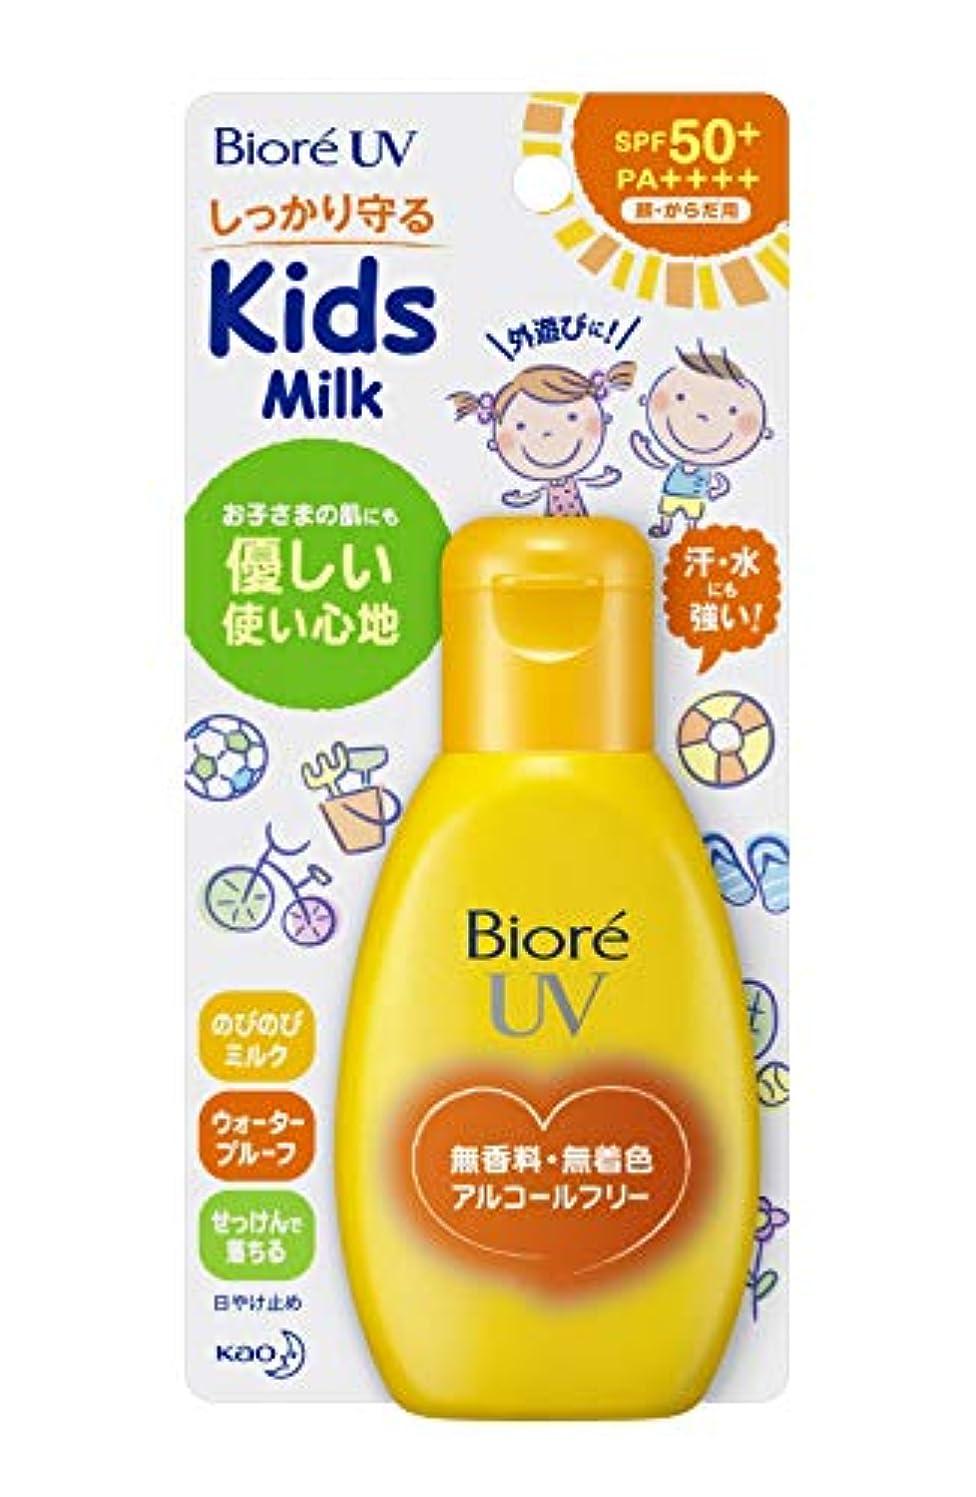 悔い改め非効率的な放棄するビオレ UV のびのびキッズミルク SPF50+/PA++++ 90g